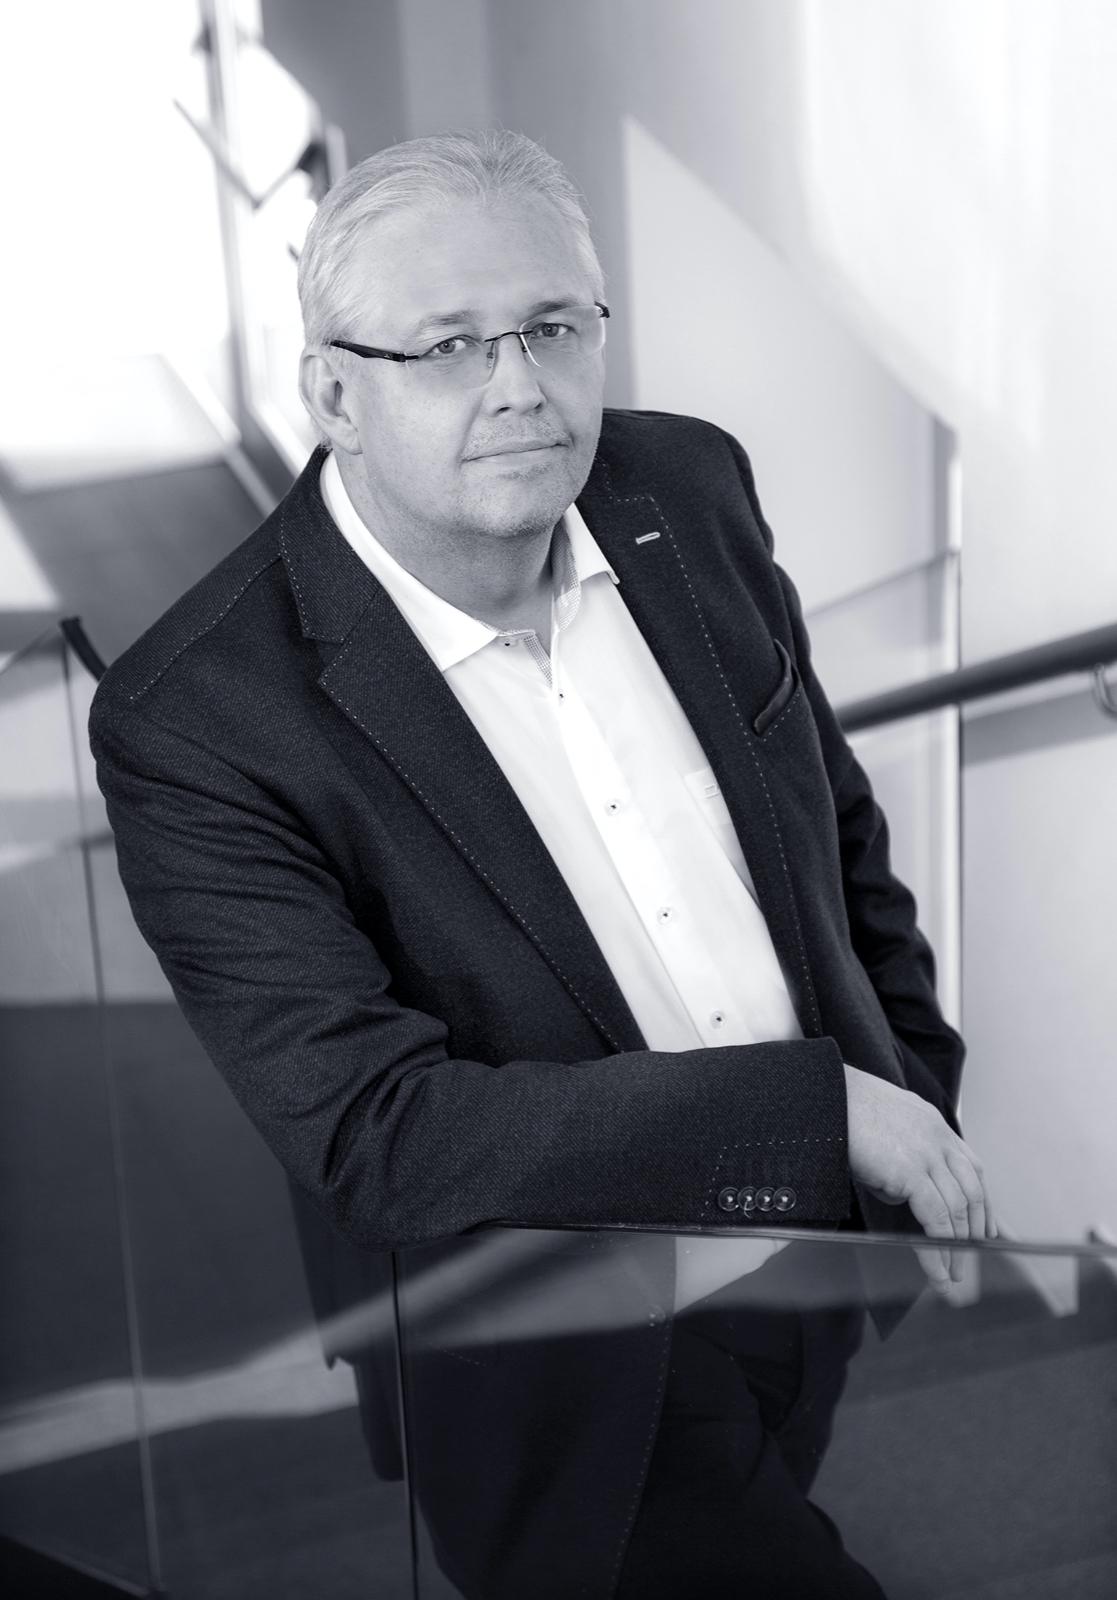 Businessportrait